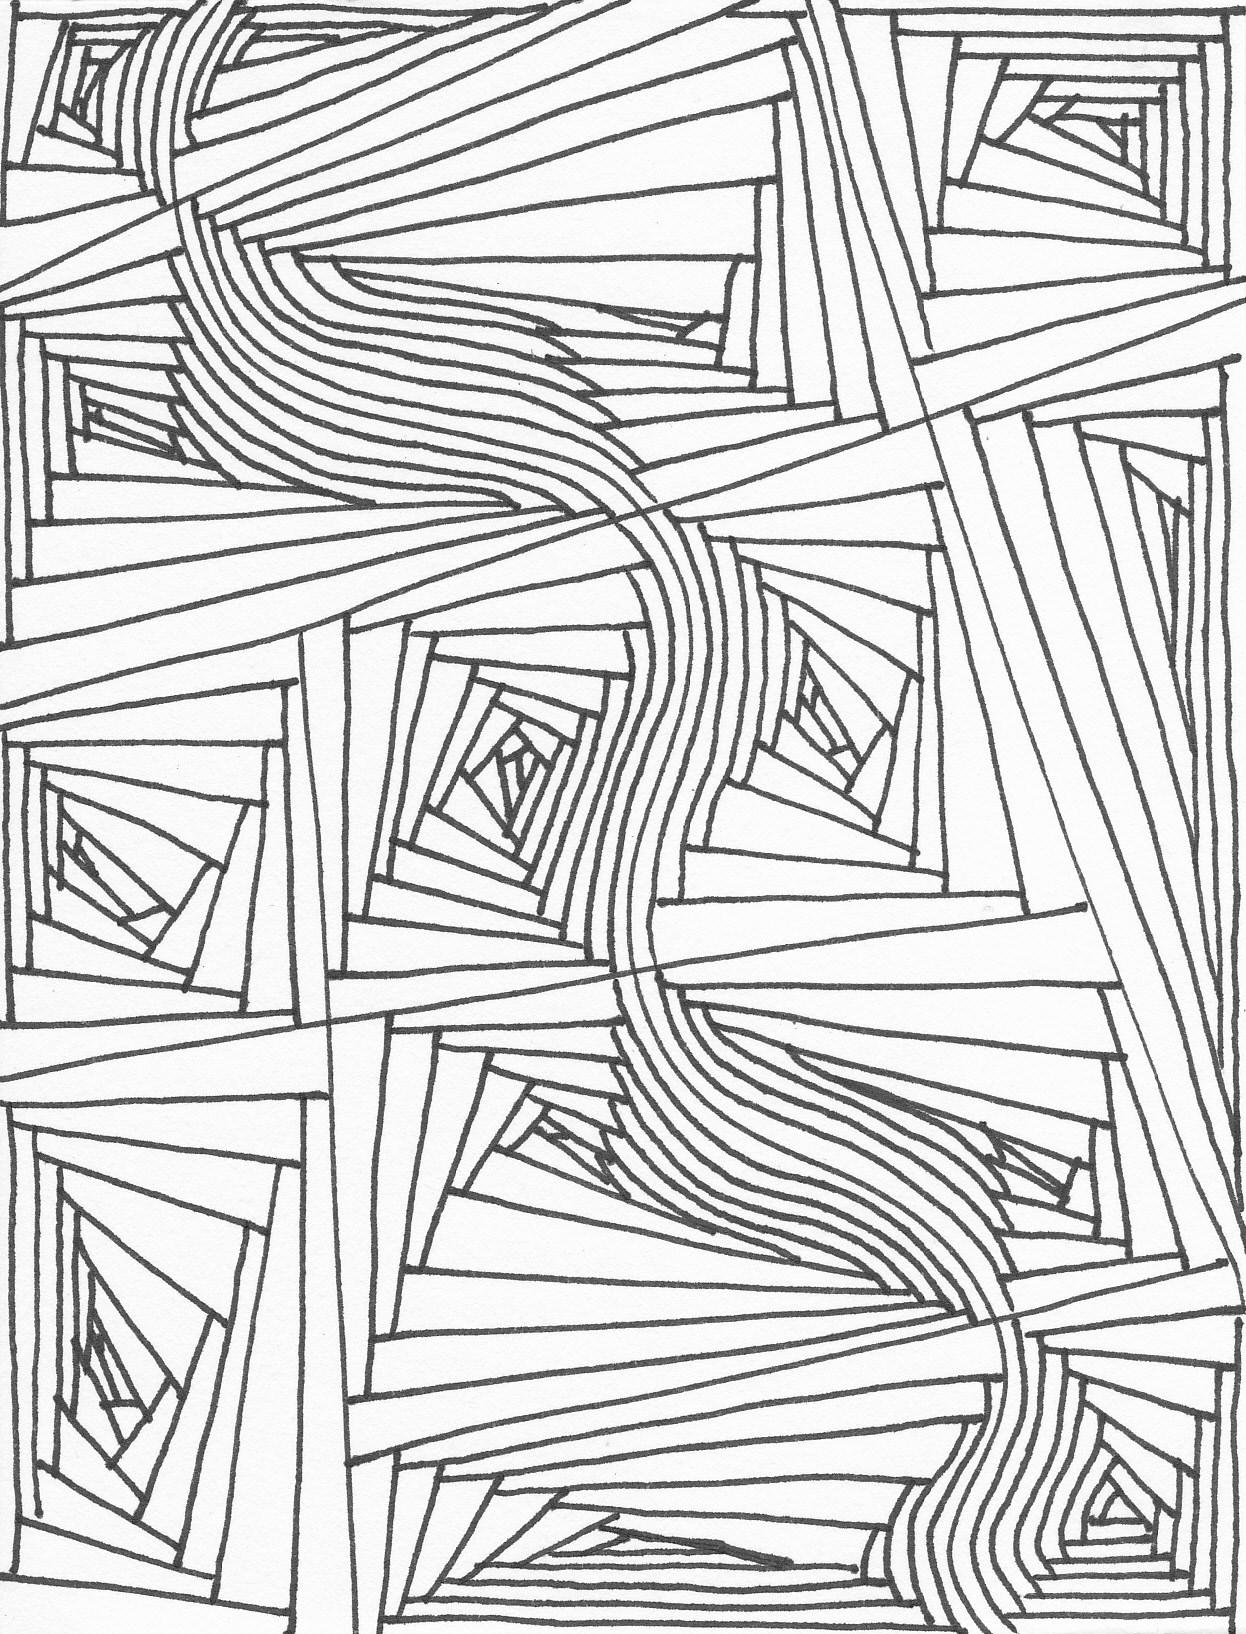 Random Line Drawing